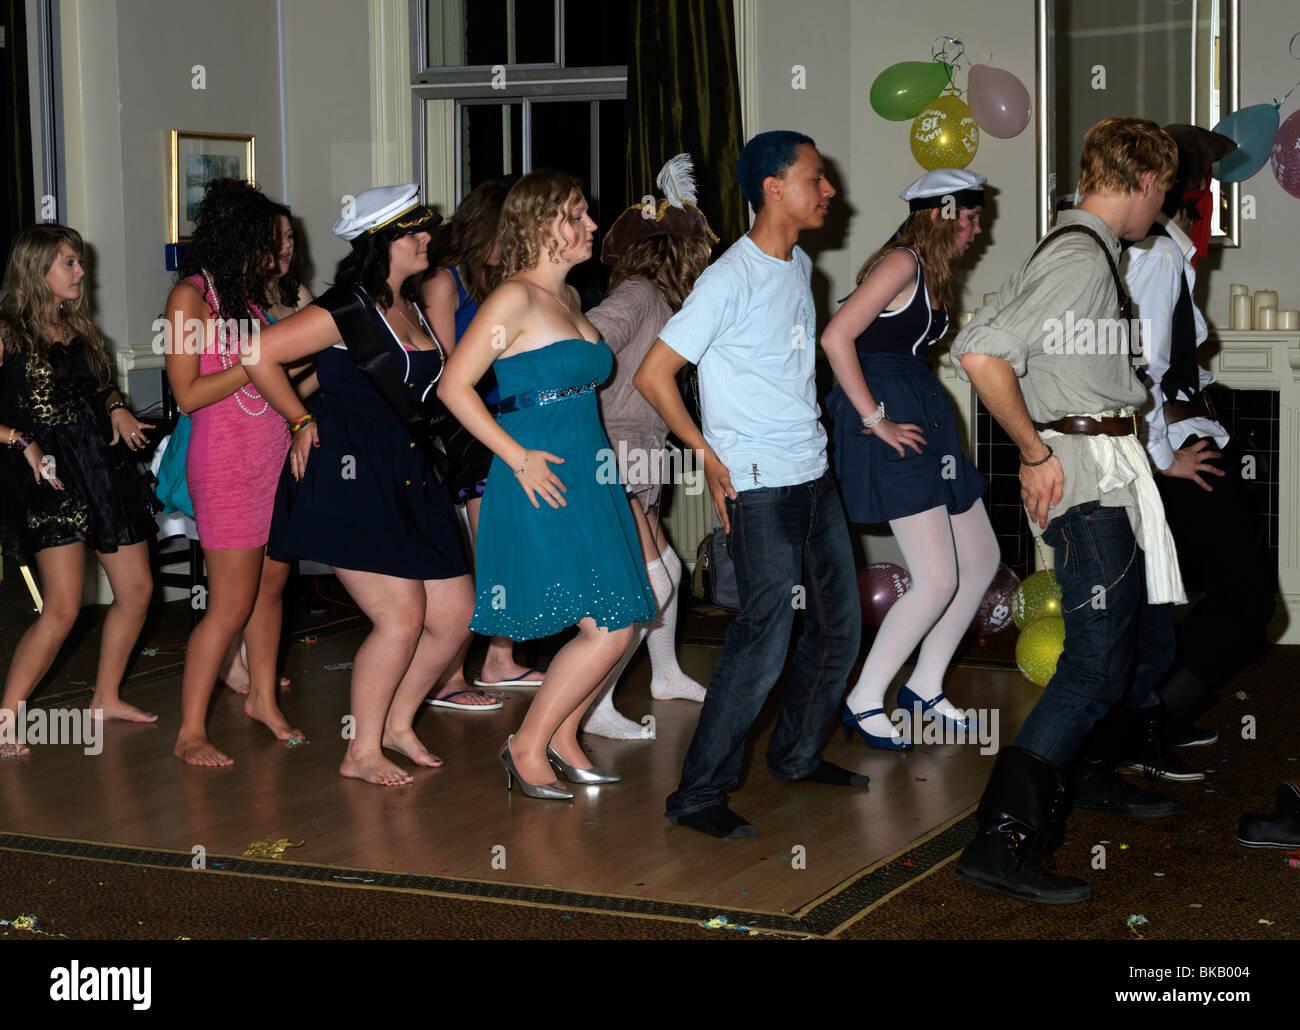 18 Geburtstag Party Teenager Kostüm Piraten Und Matrosen Tanzen